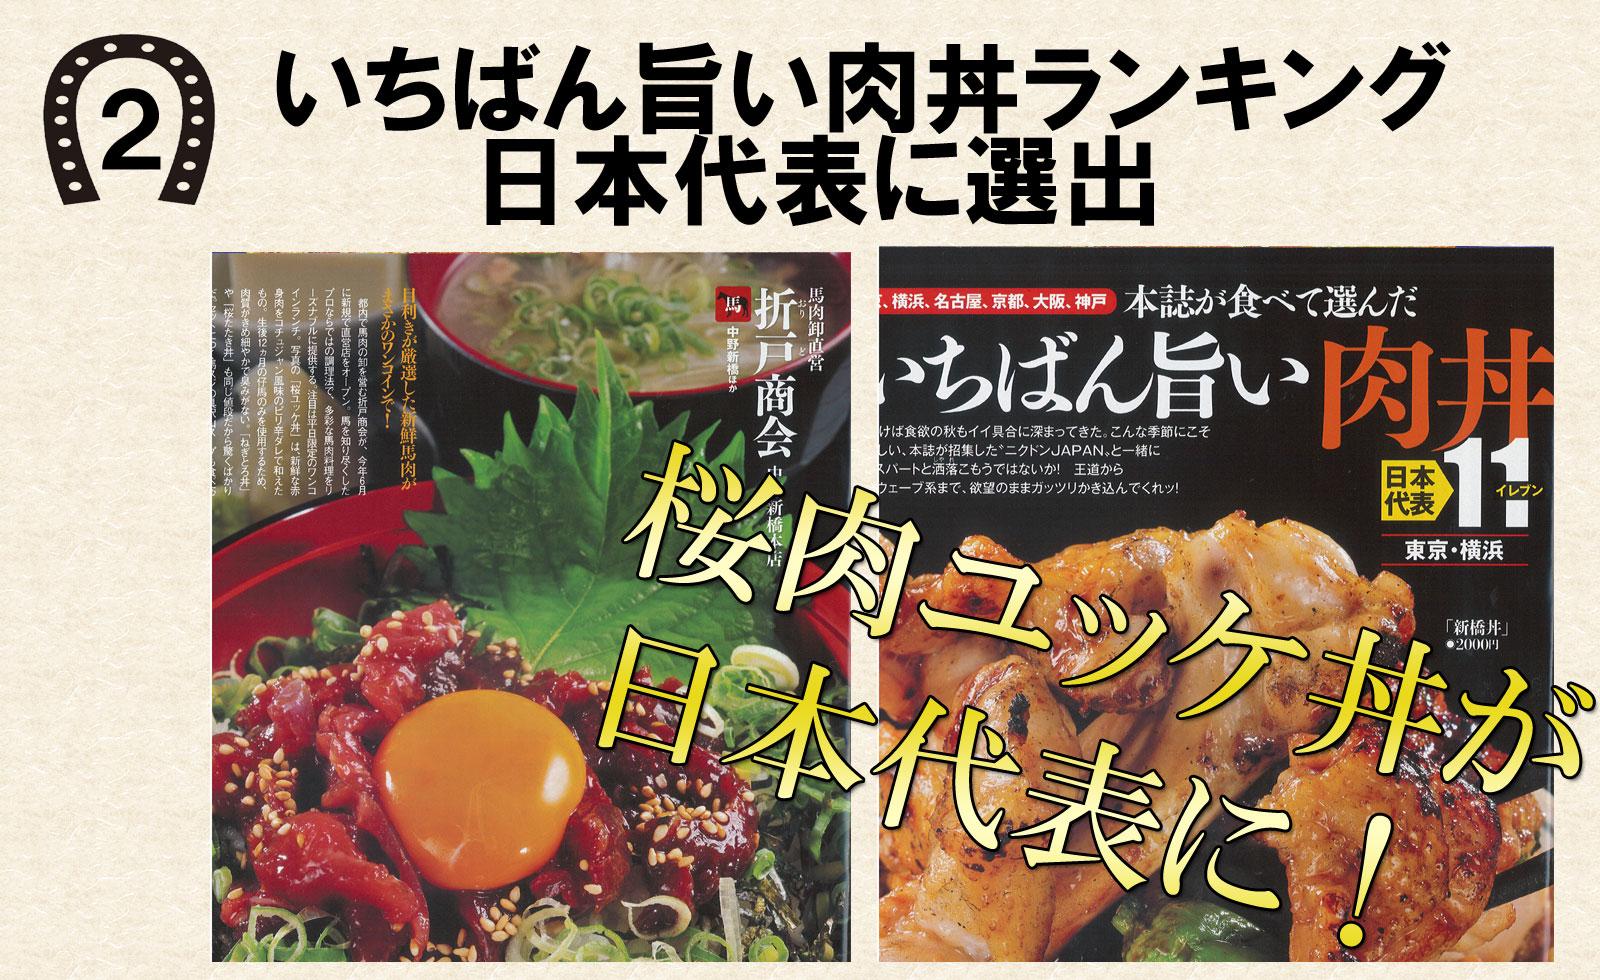 折戸の馬肉いちばんうまい肉丼ランキング日本代表